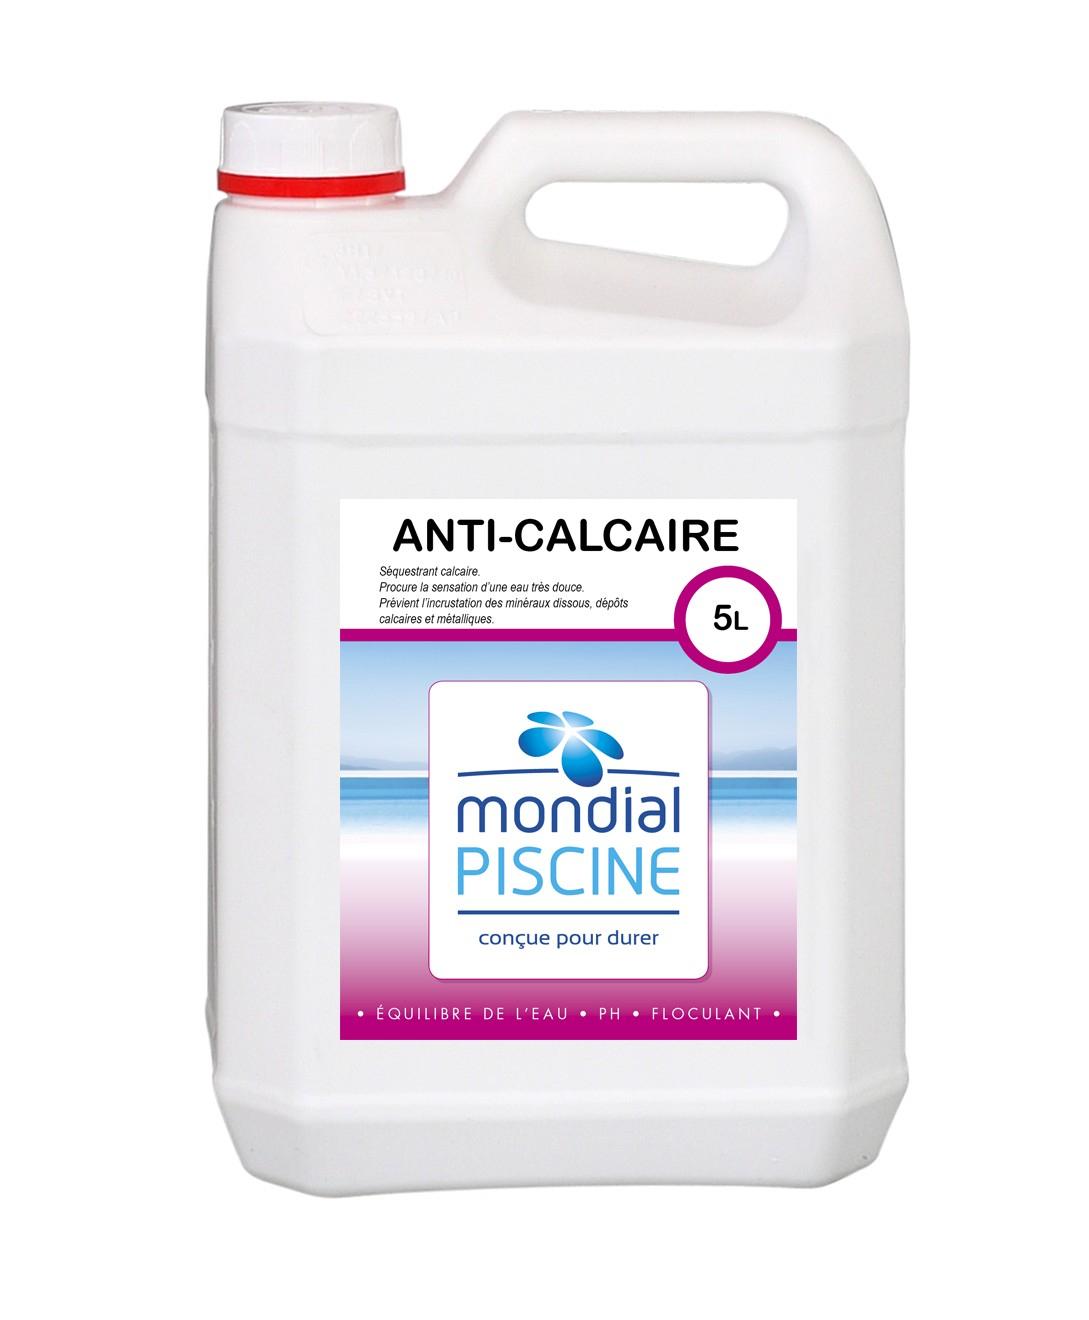 Anticalcaire tout Produit Anti Calcaire Piscine